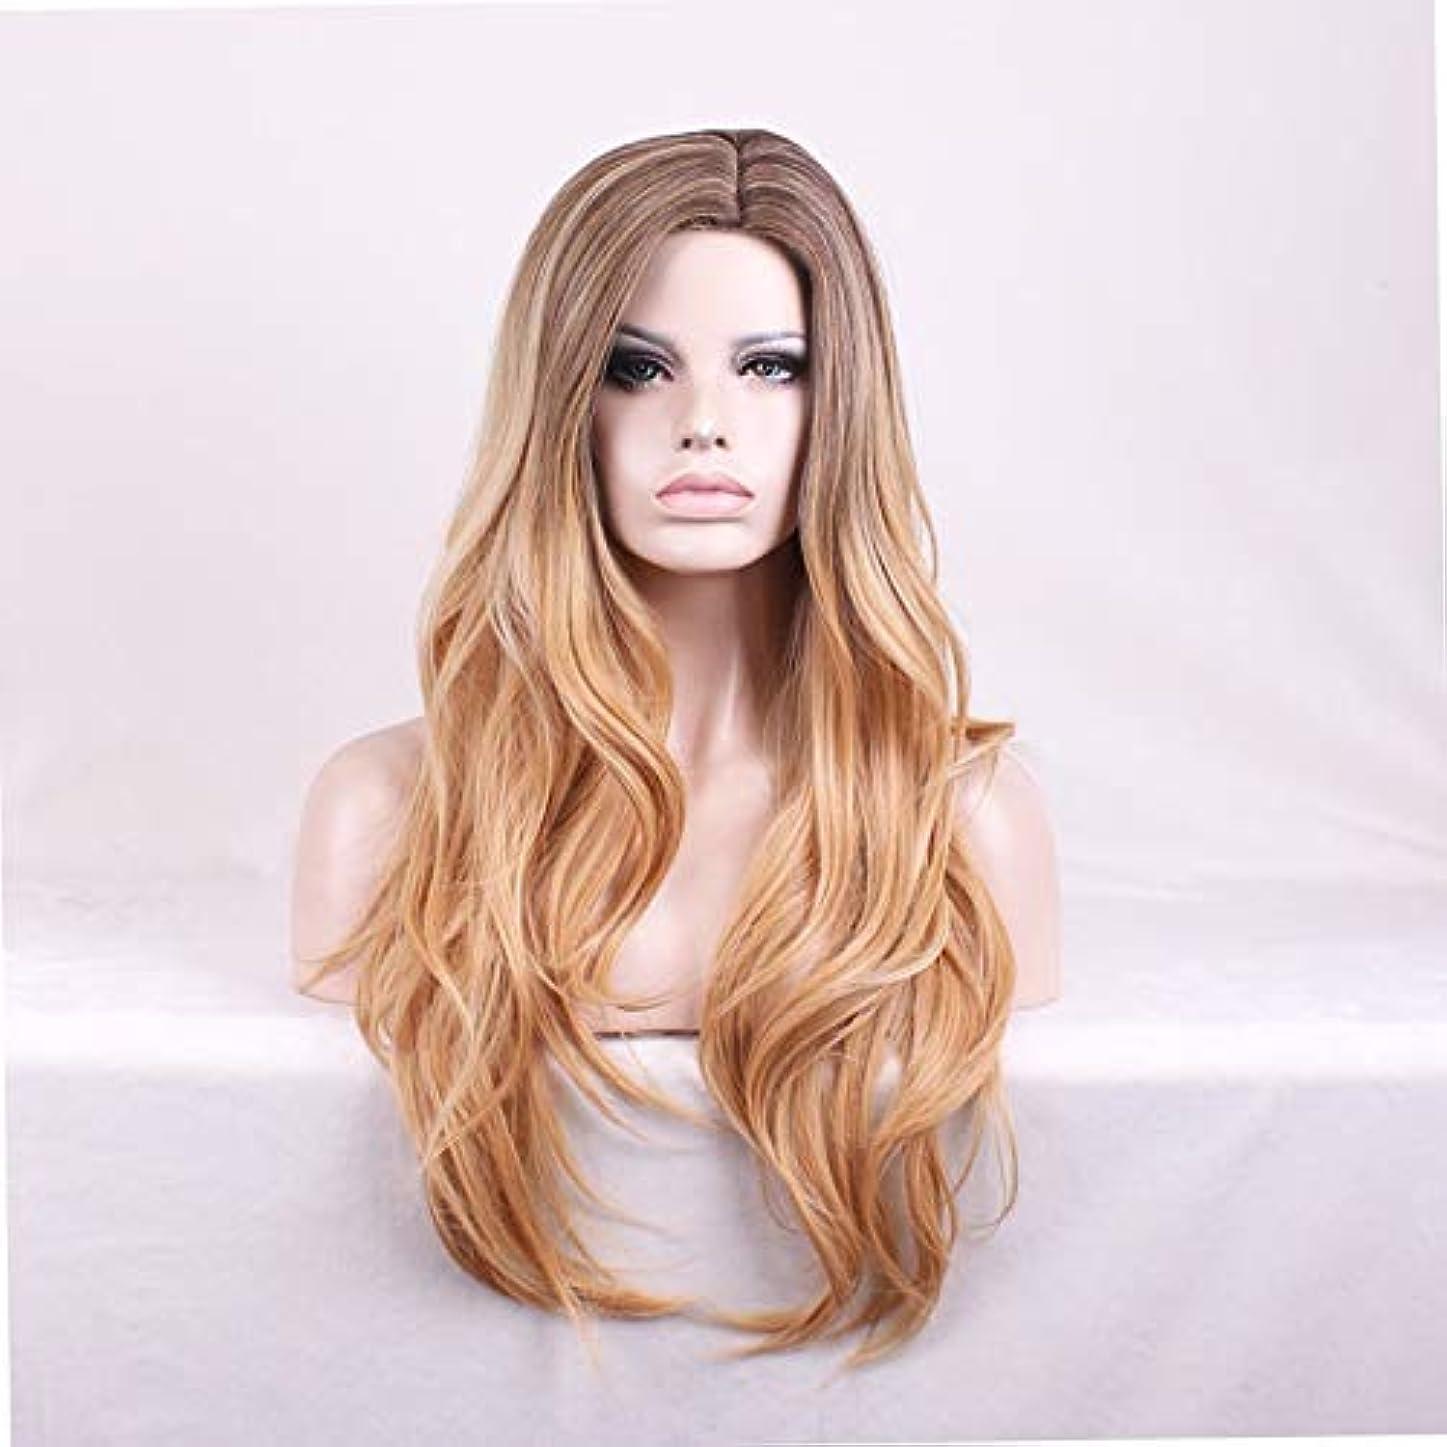 男らしさフィットネス影響するかつらキャップウィッグロングファンシードレスカールウィッグ高品質の人工毛髪コスプレ高密度ウィッグ女性と女の子用ブラウンゴールドグラデーション